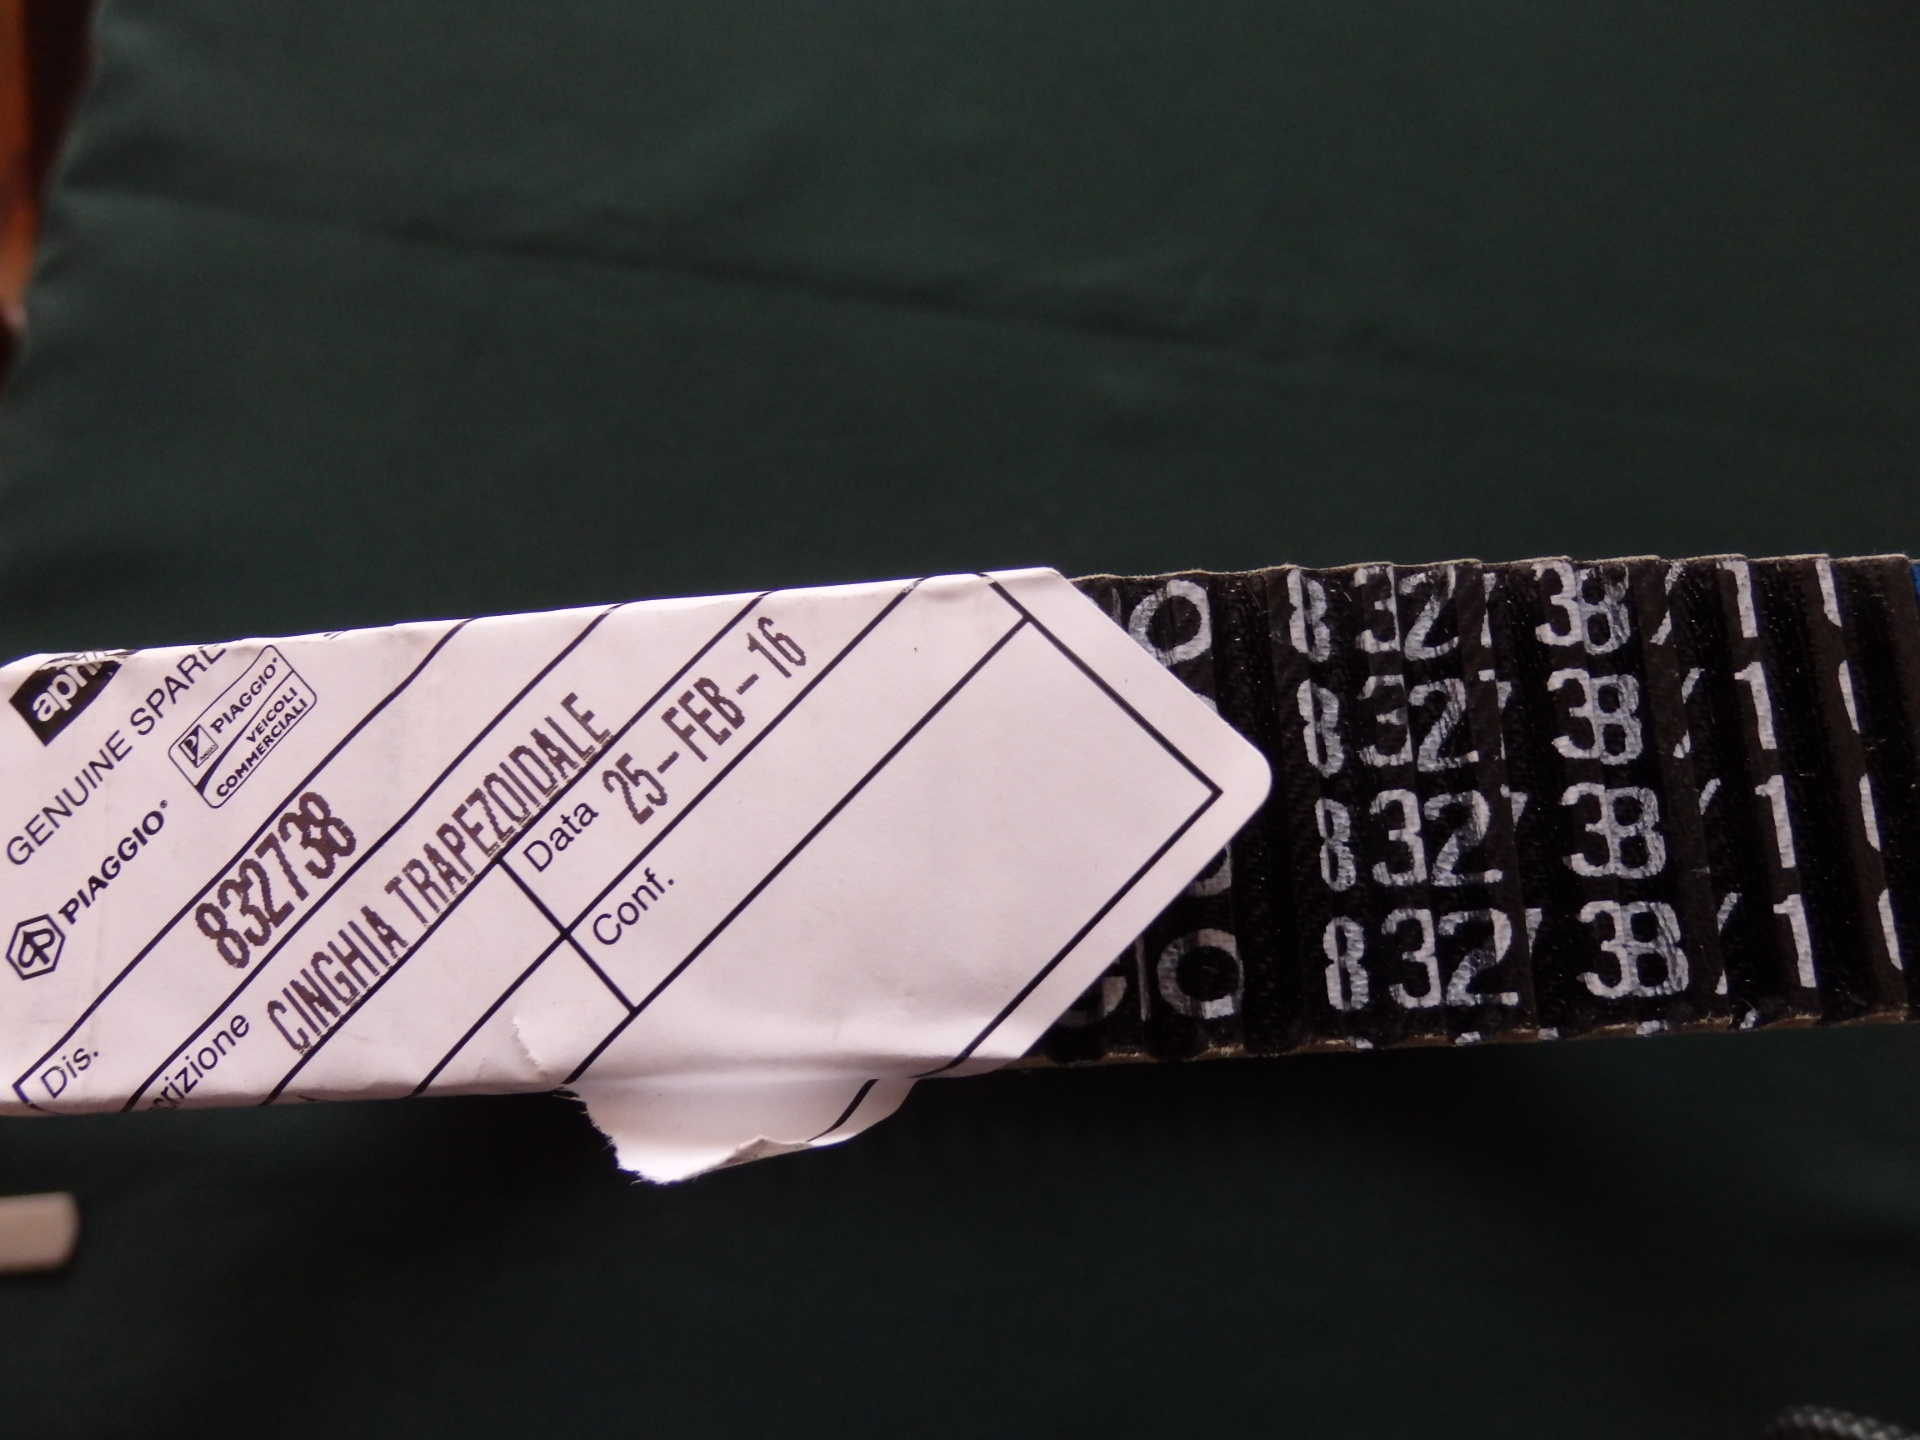 APRILIA ATLANTIC ÉKSZÍJ 28x1036 ATLANTIC SPRINT 400-500 (05-07) - 25300 Ft